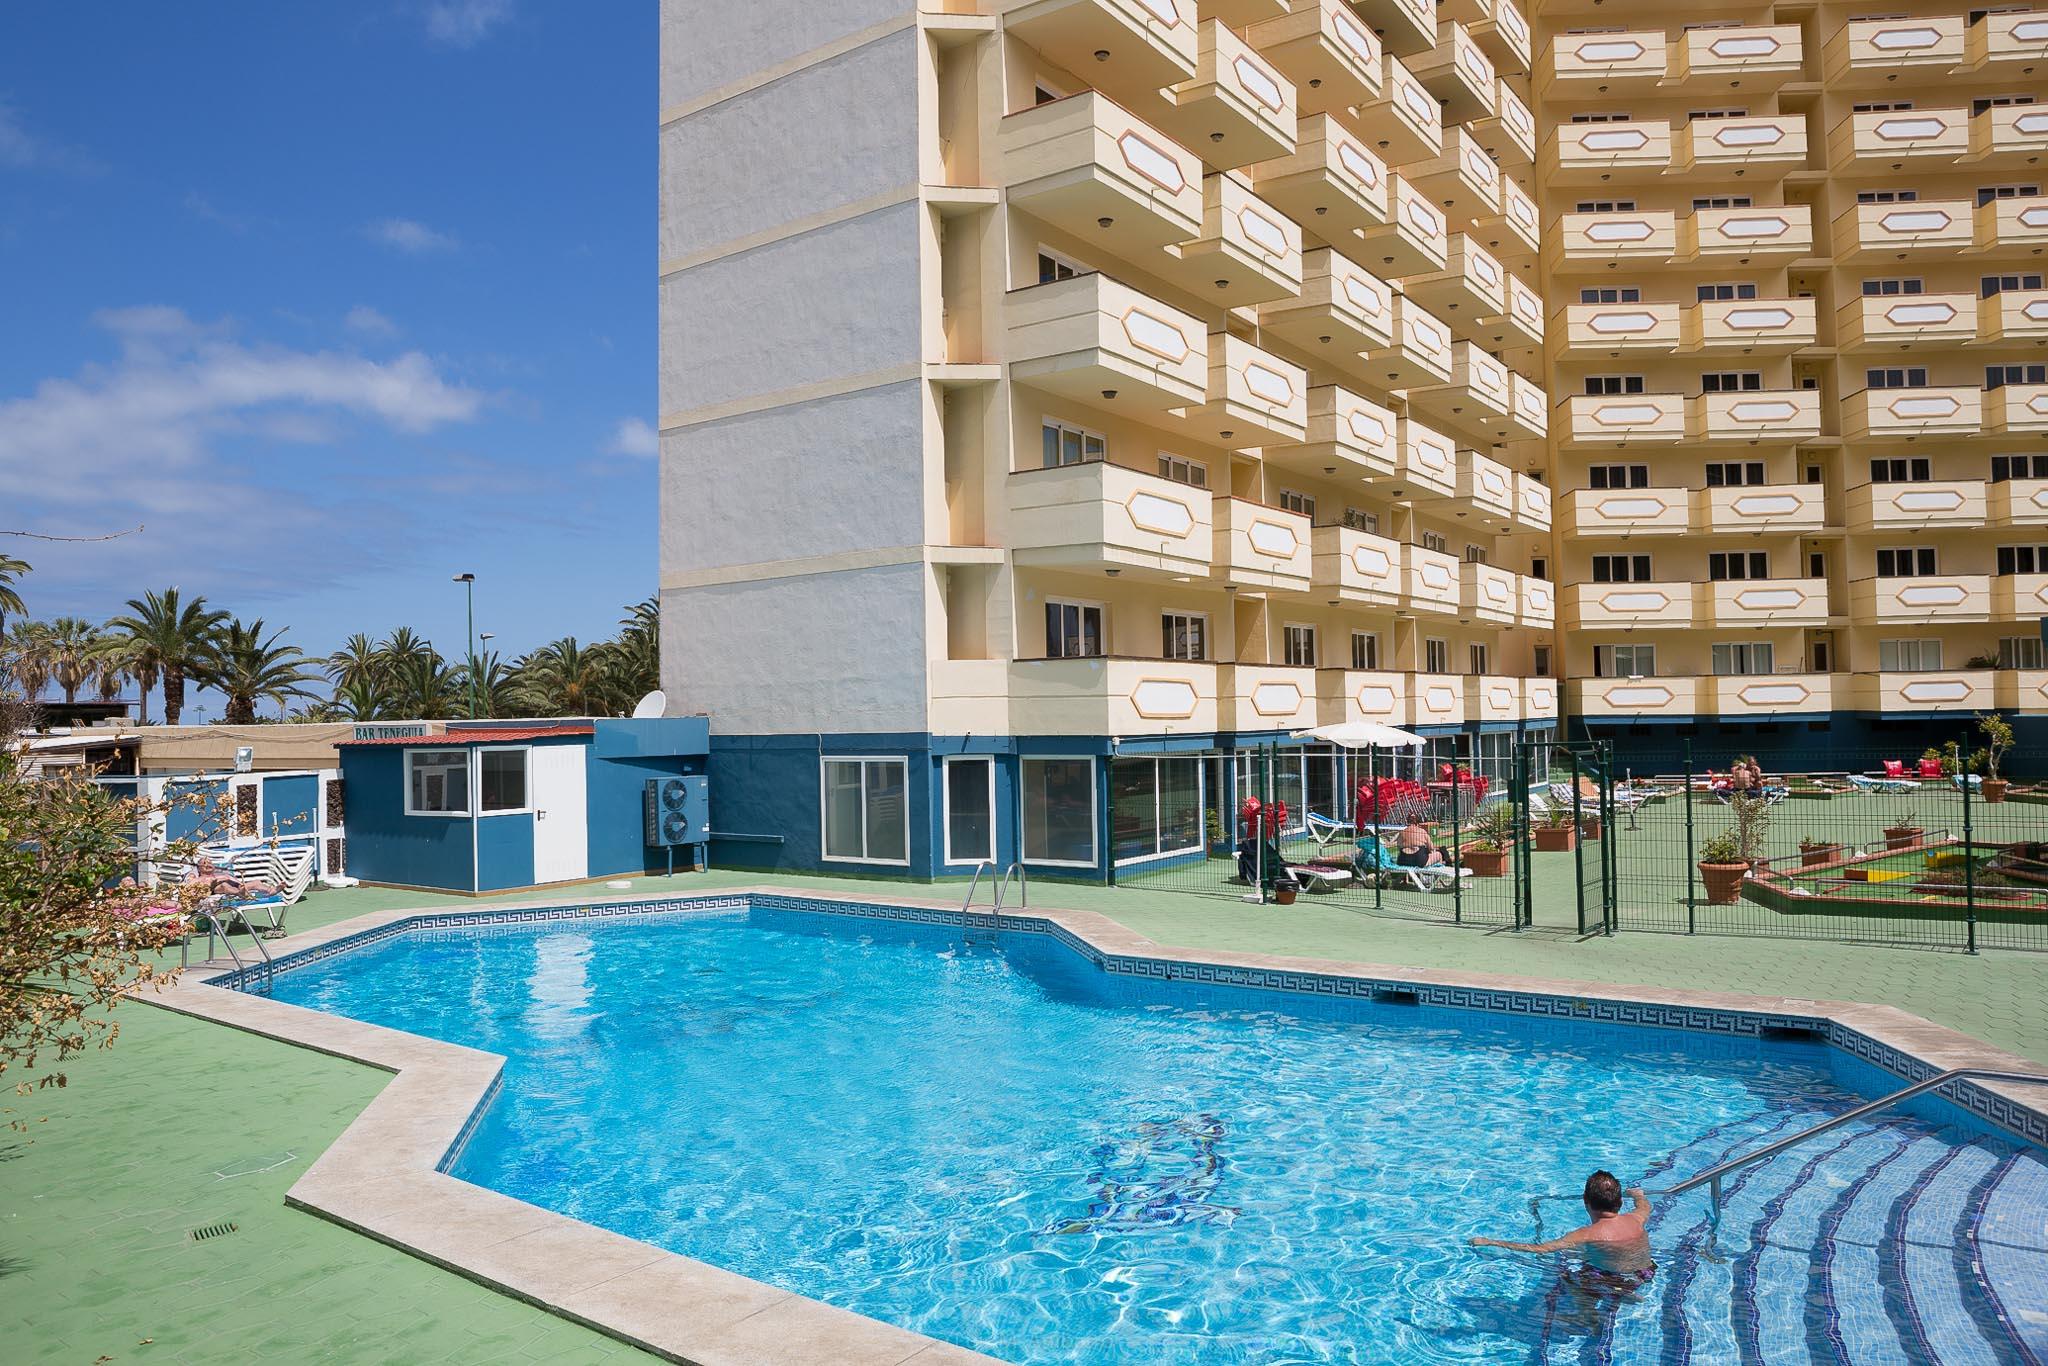 Apartmentos Teneguia - Tenerife